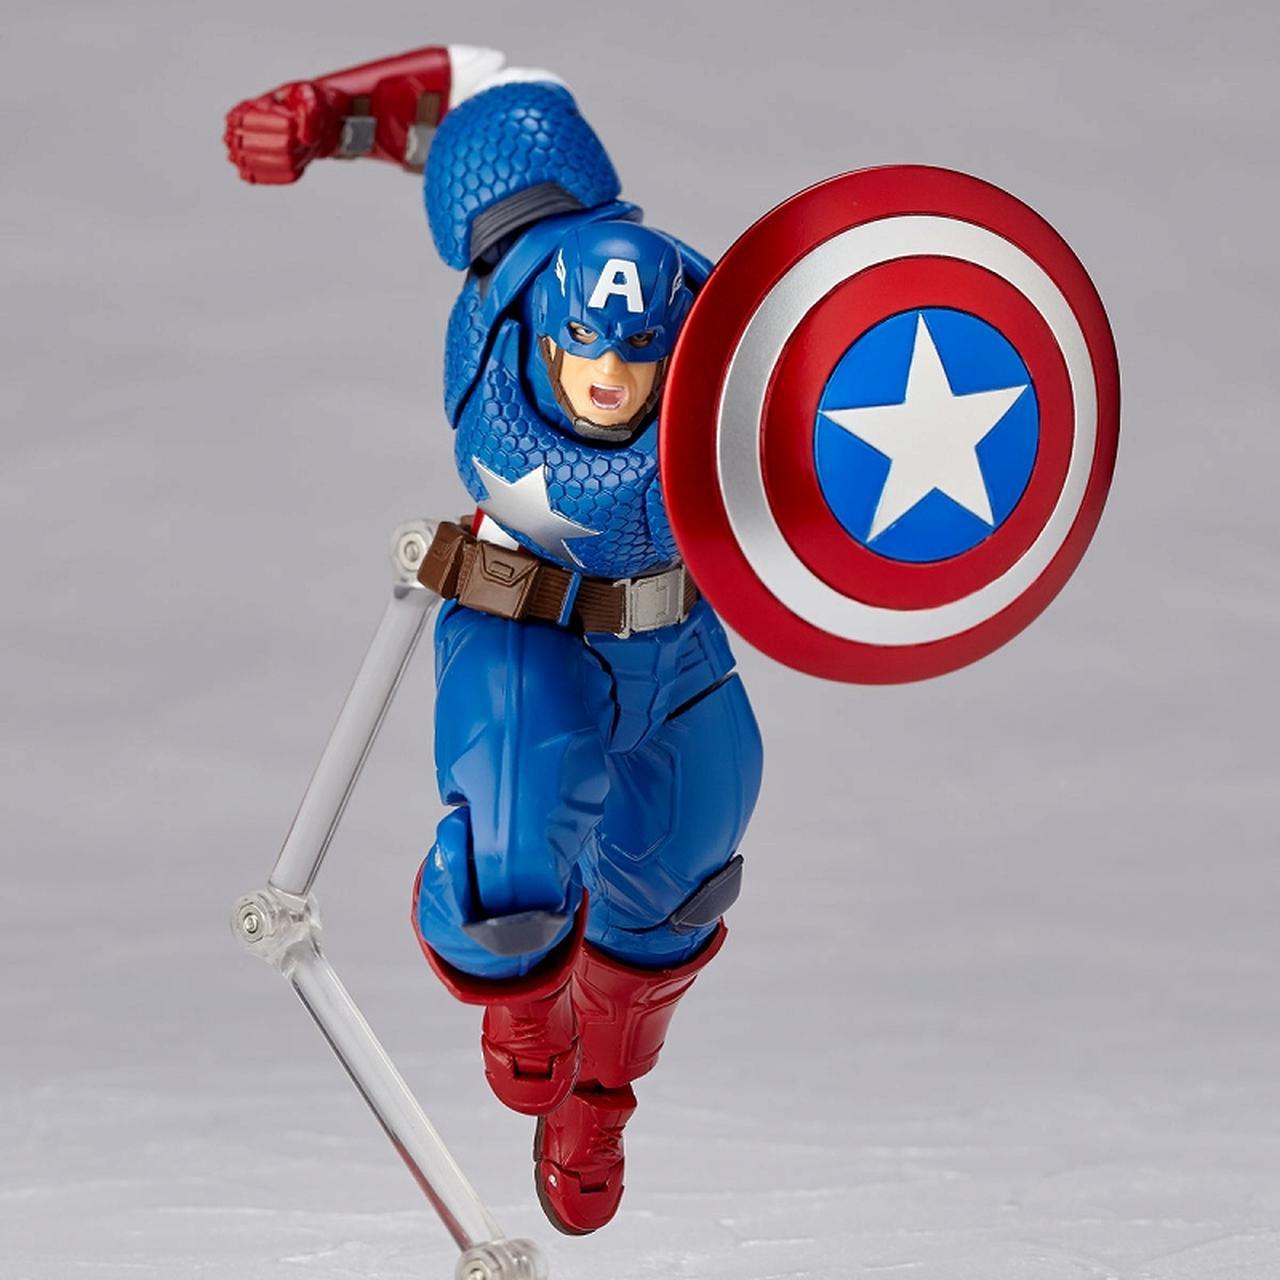 画像2: 海洋堂が誇る可動フィギュア《リボルテック》10周年の節目に 「キャップ」ことキャプテン・アメリカが登場!